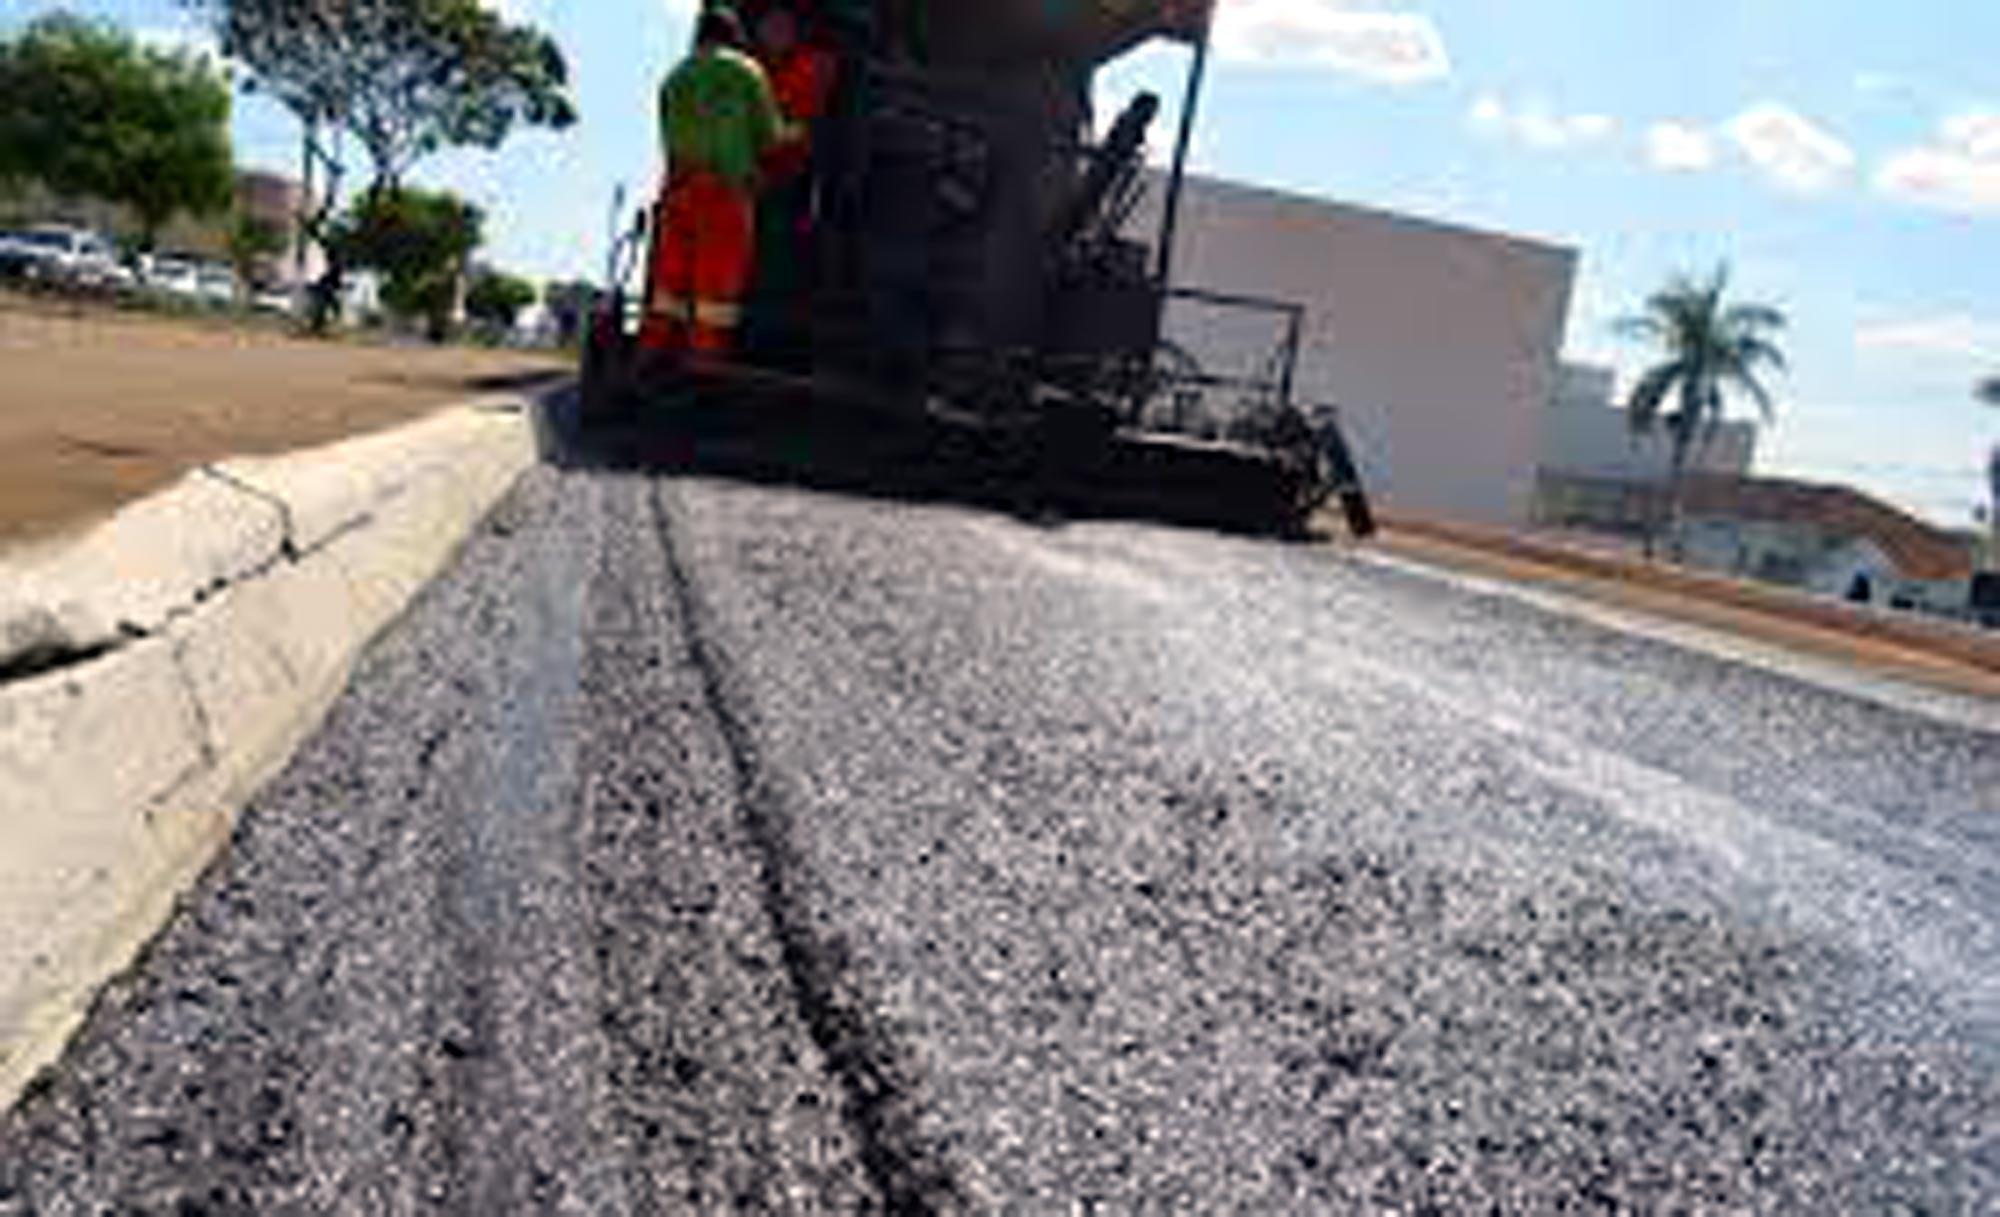 Prefeitura de Sinop anuncia licitação para obras de asfalto em bairros